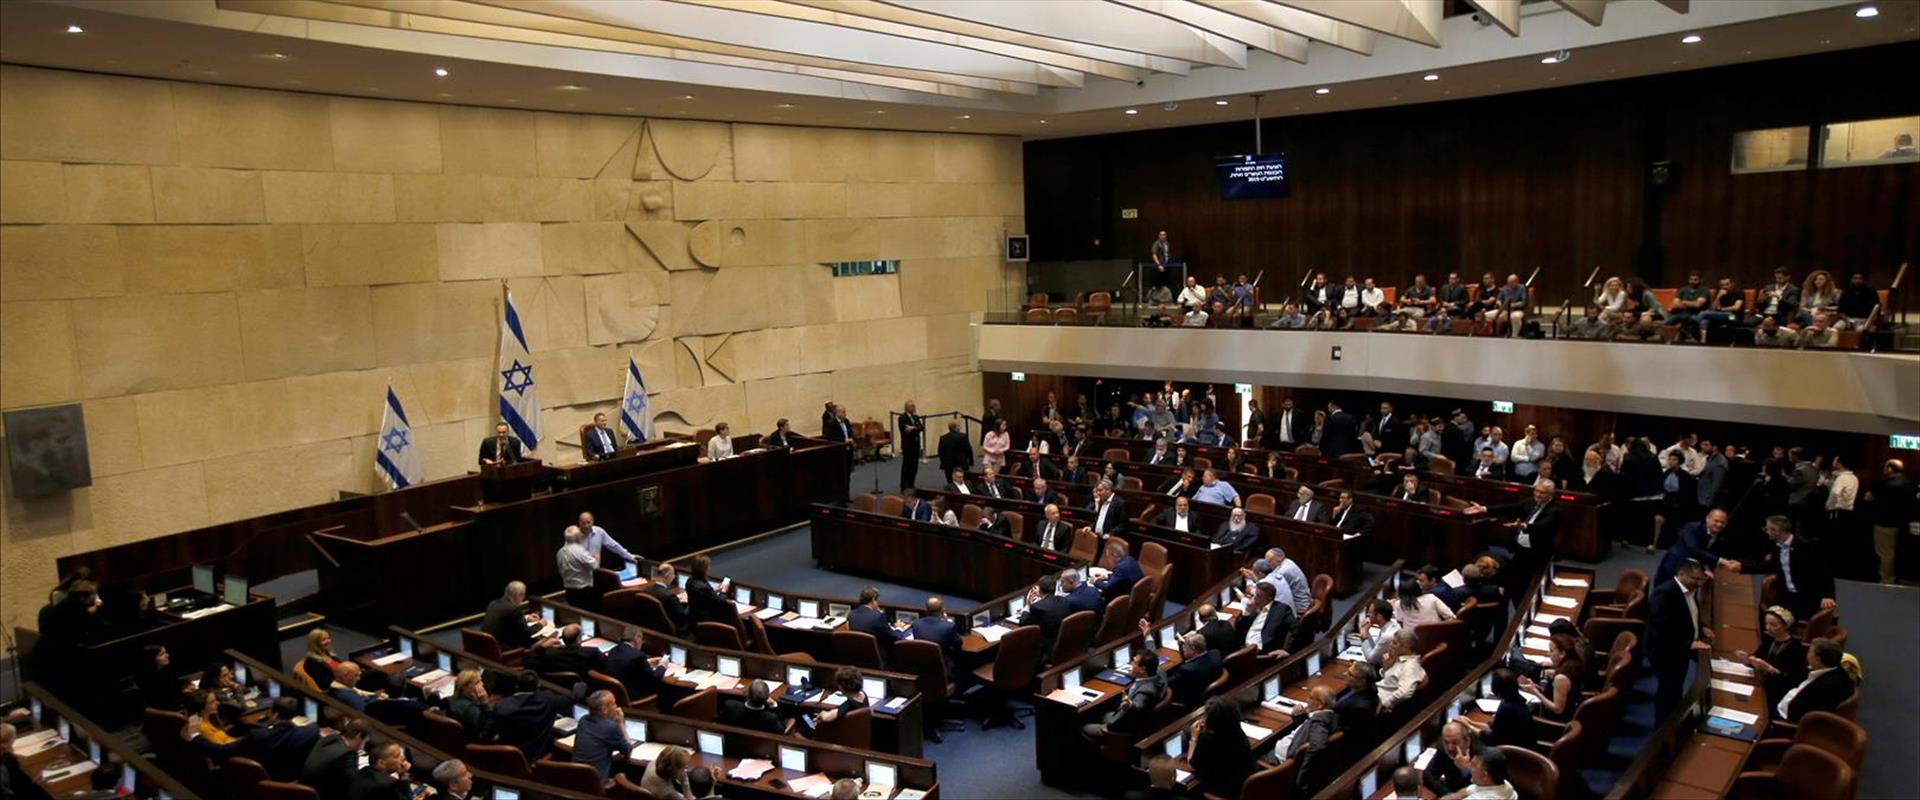 ההצבעה על פיזור הכנסת